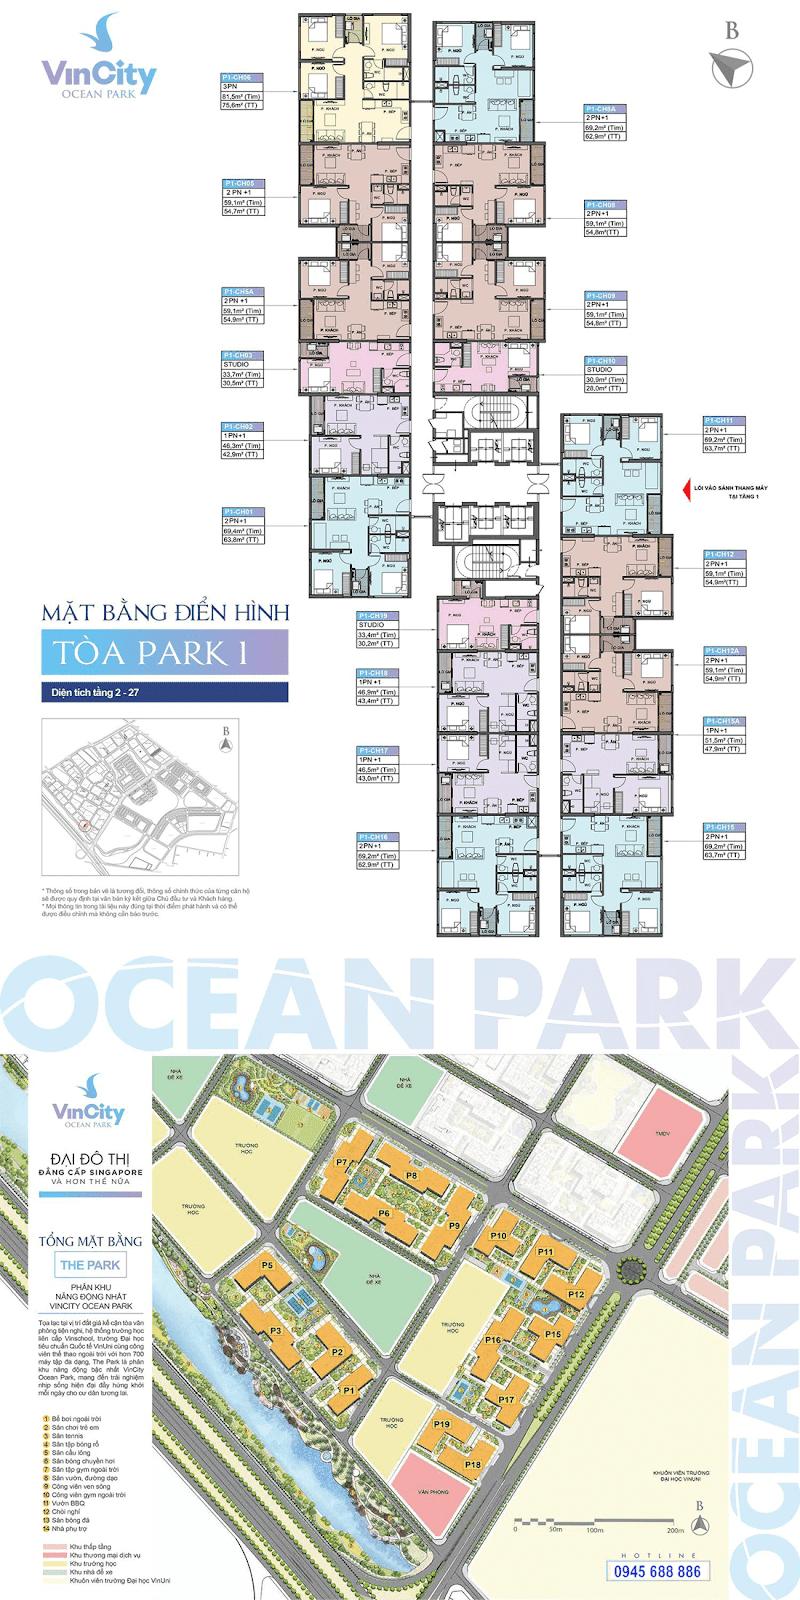 park 1 vincity ocean park